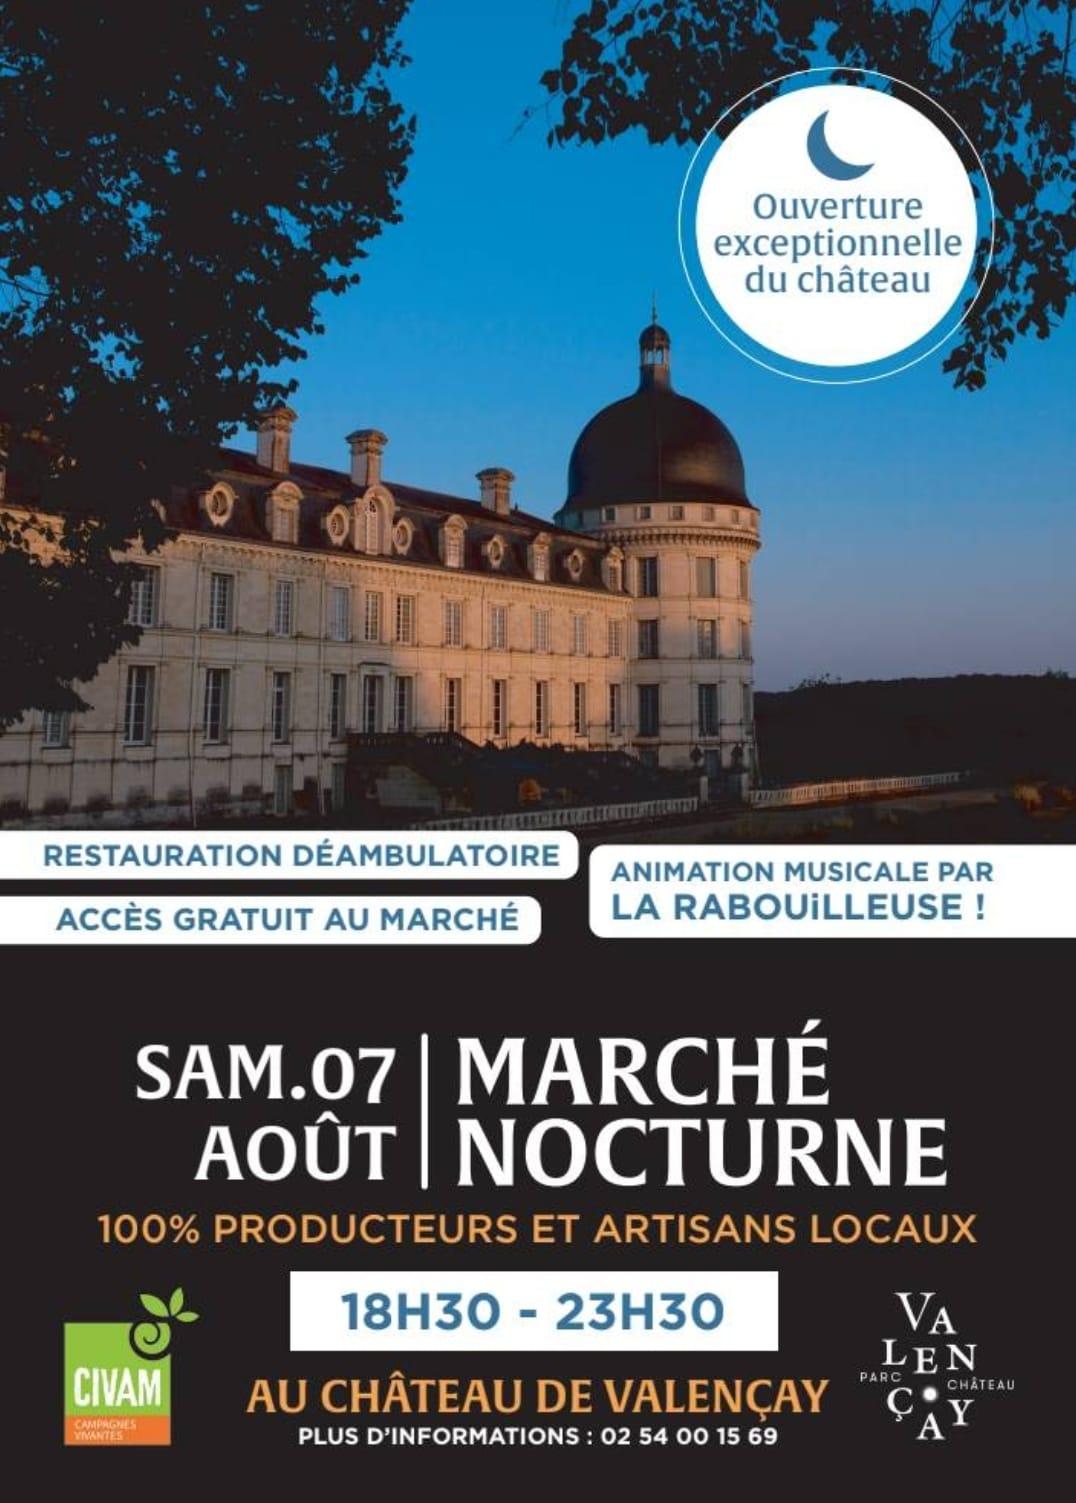 Marche nocturne Valencay 07 08 2021